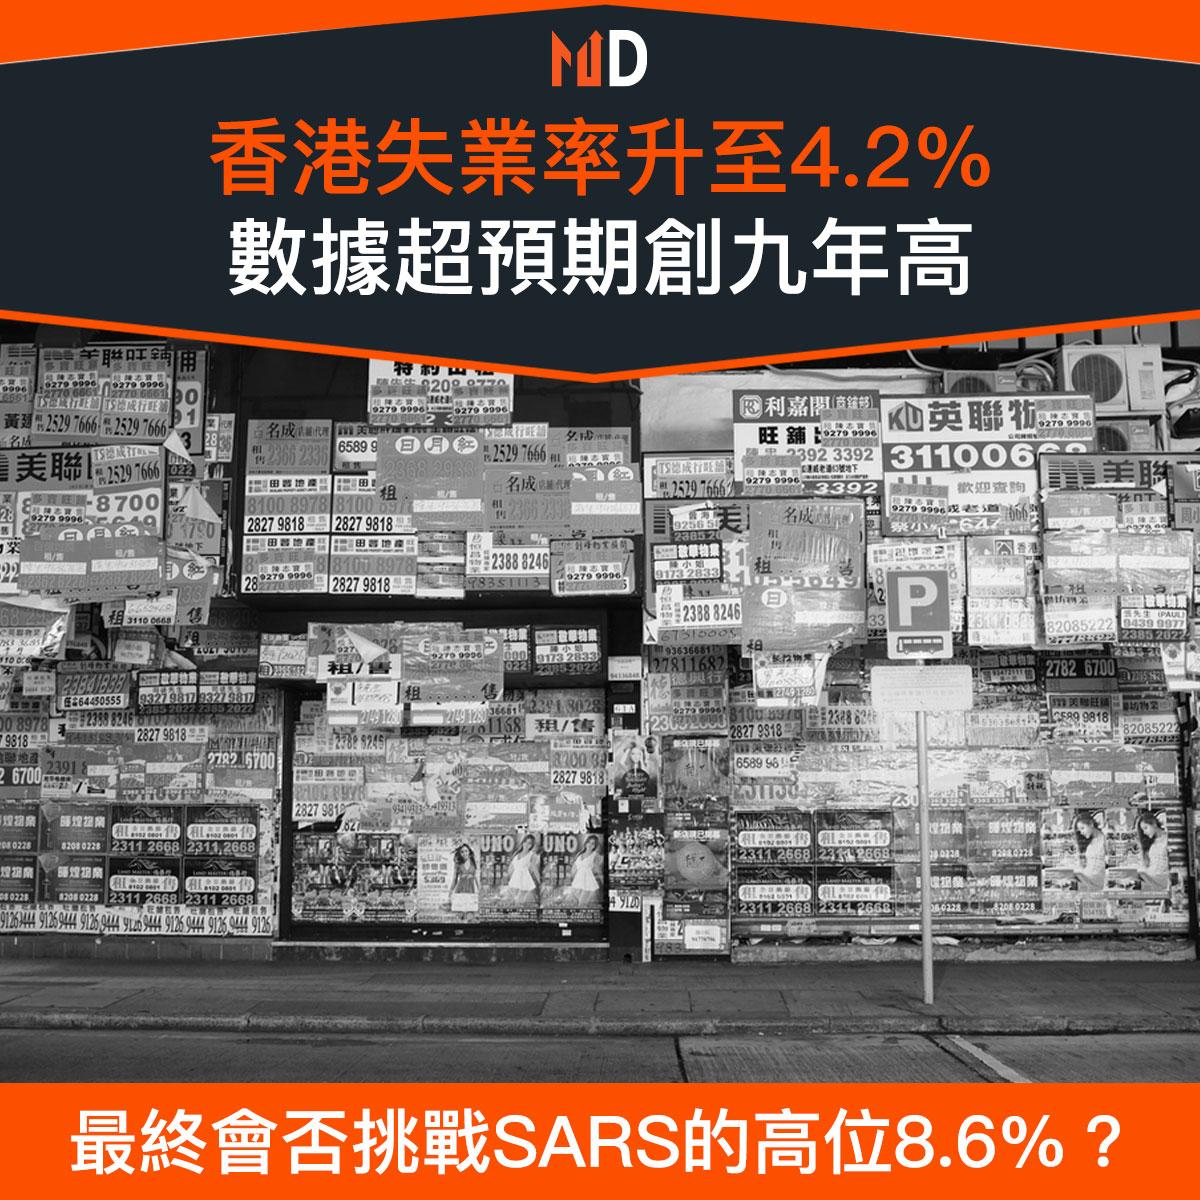 【市場熱話】香港失業率升至4.2%,數據超預期創九年高